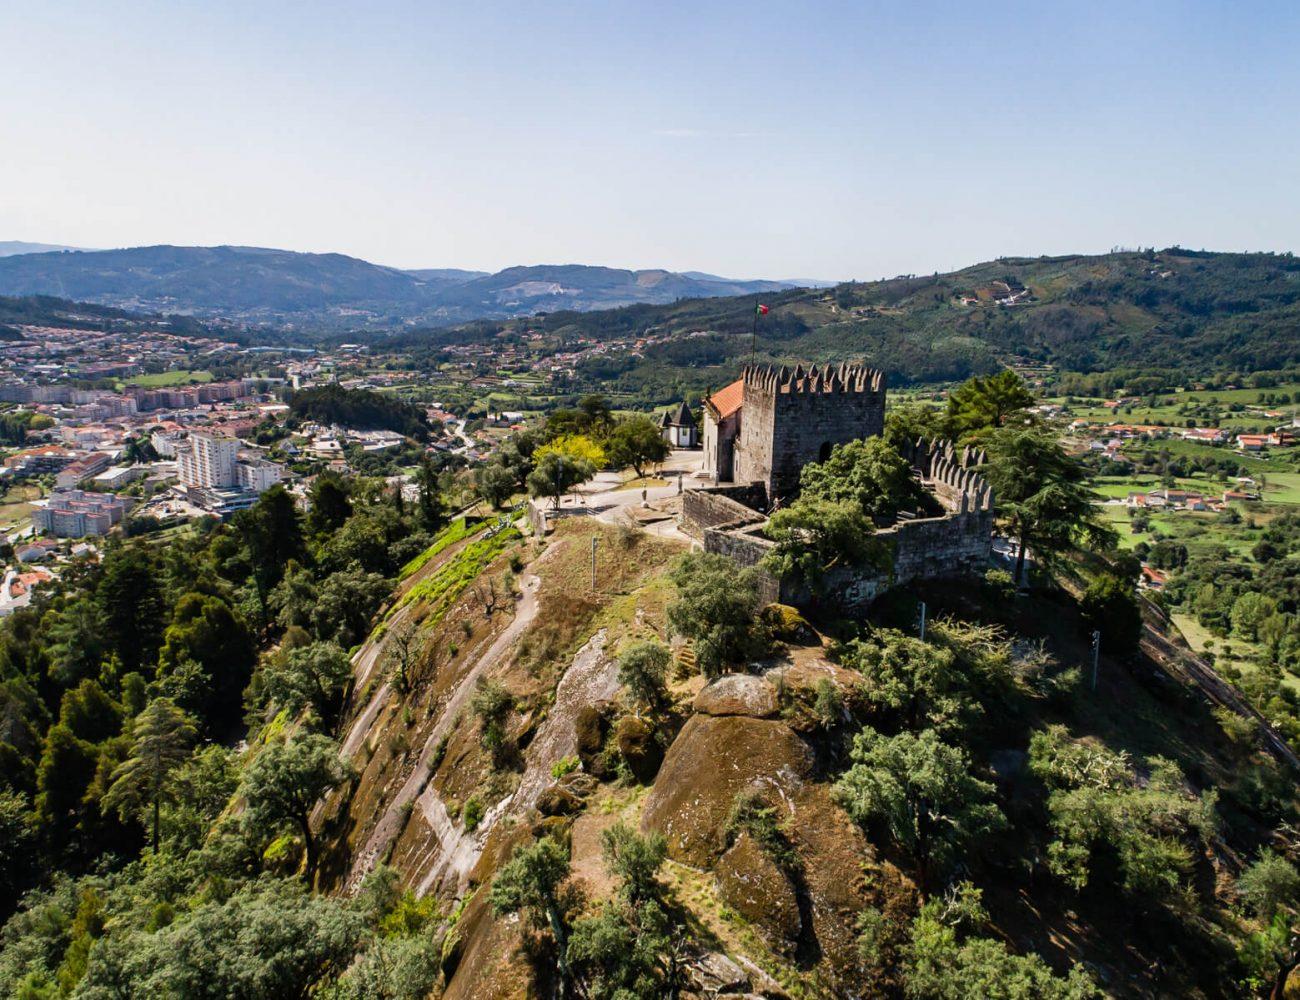 Castelo de Lanhoso